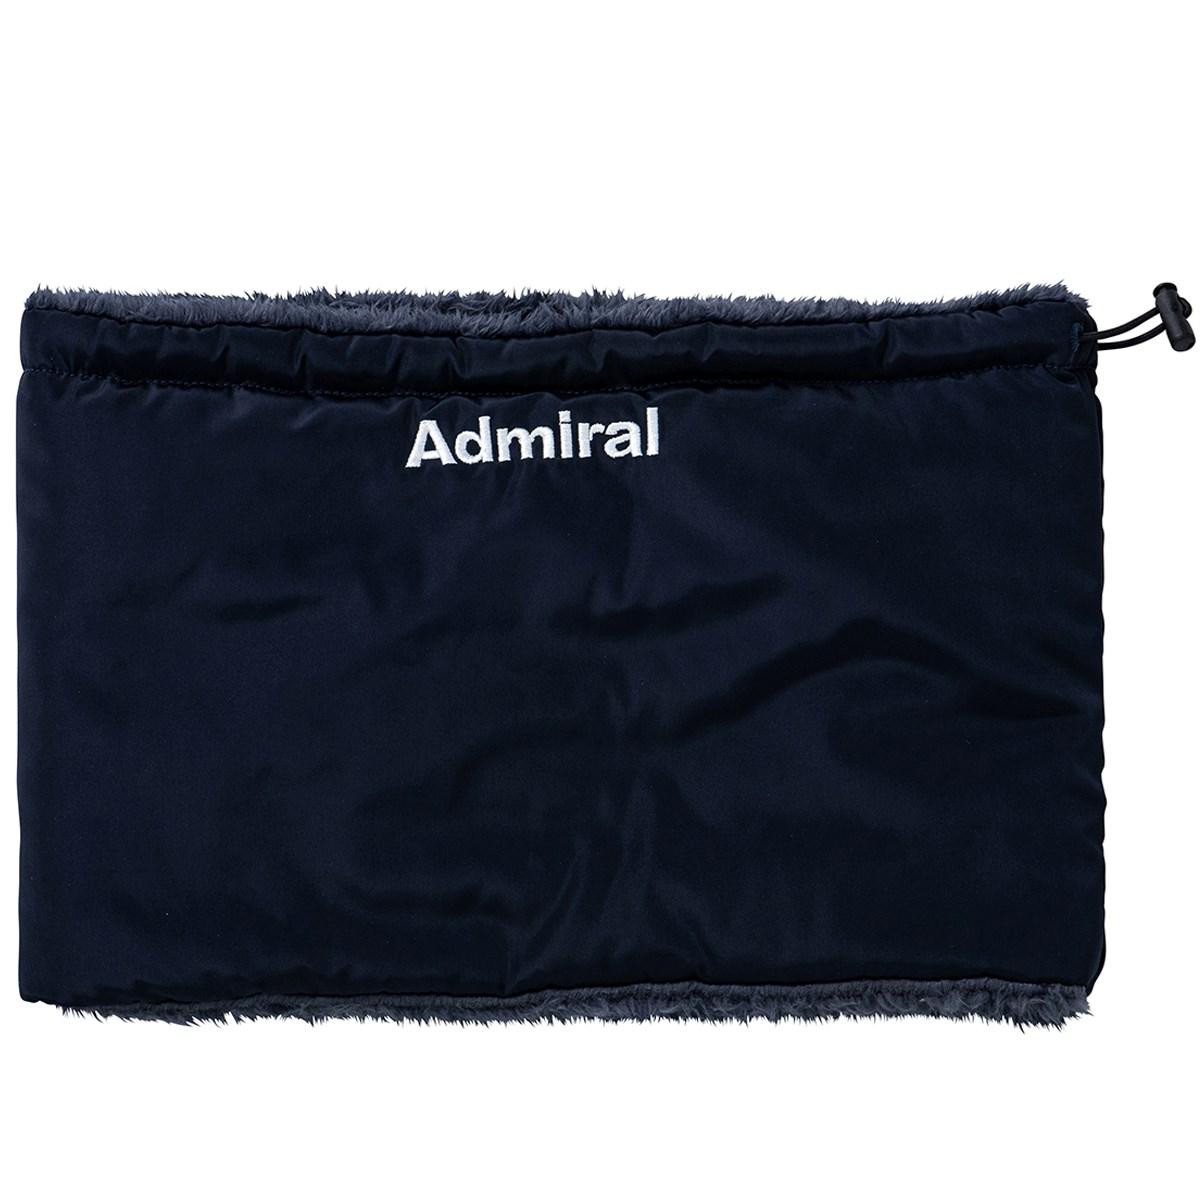 アドミラル Admiral ファーネックウォーマー ネイビー 30 フリー レディス